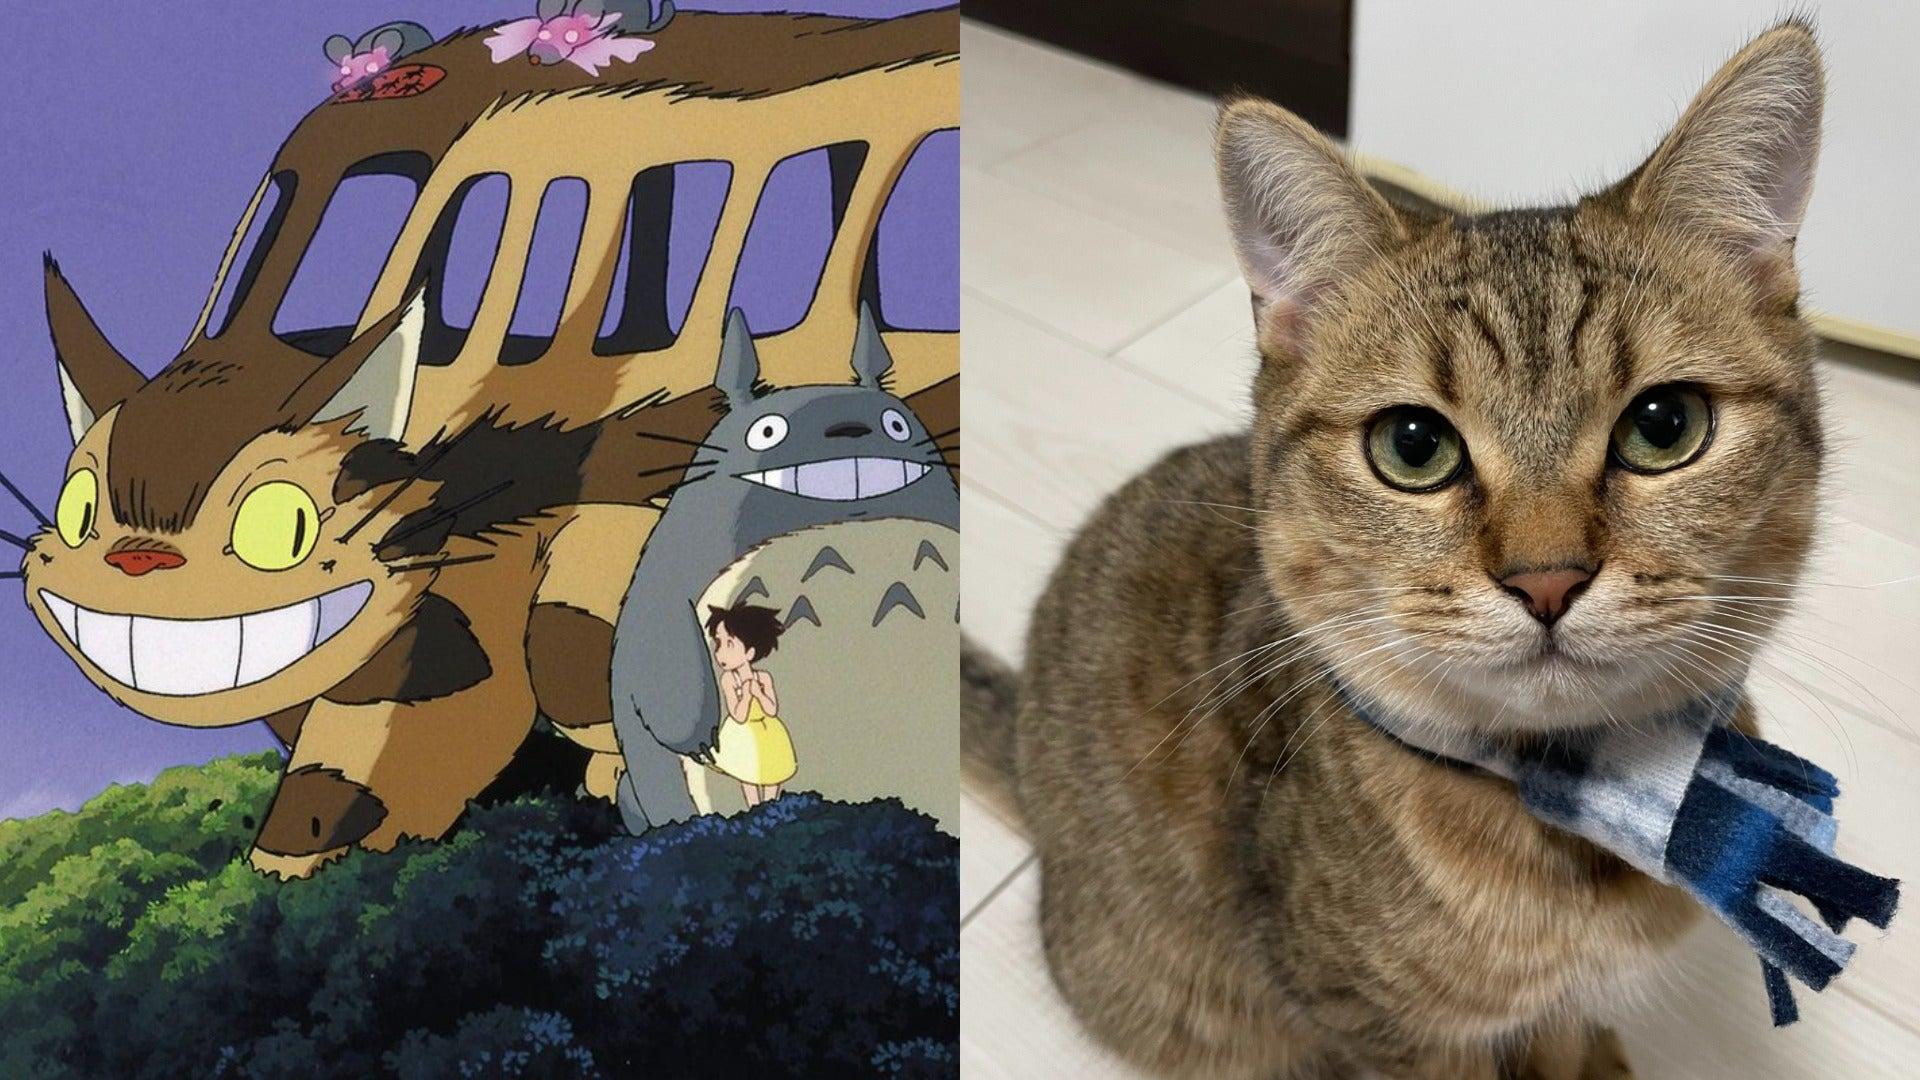 Studio Ghibli Catbus